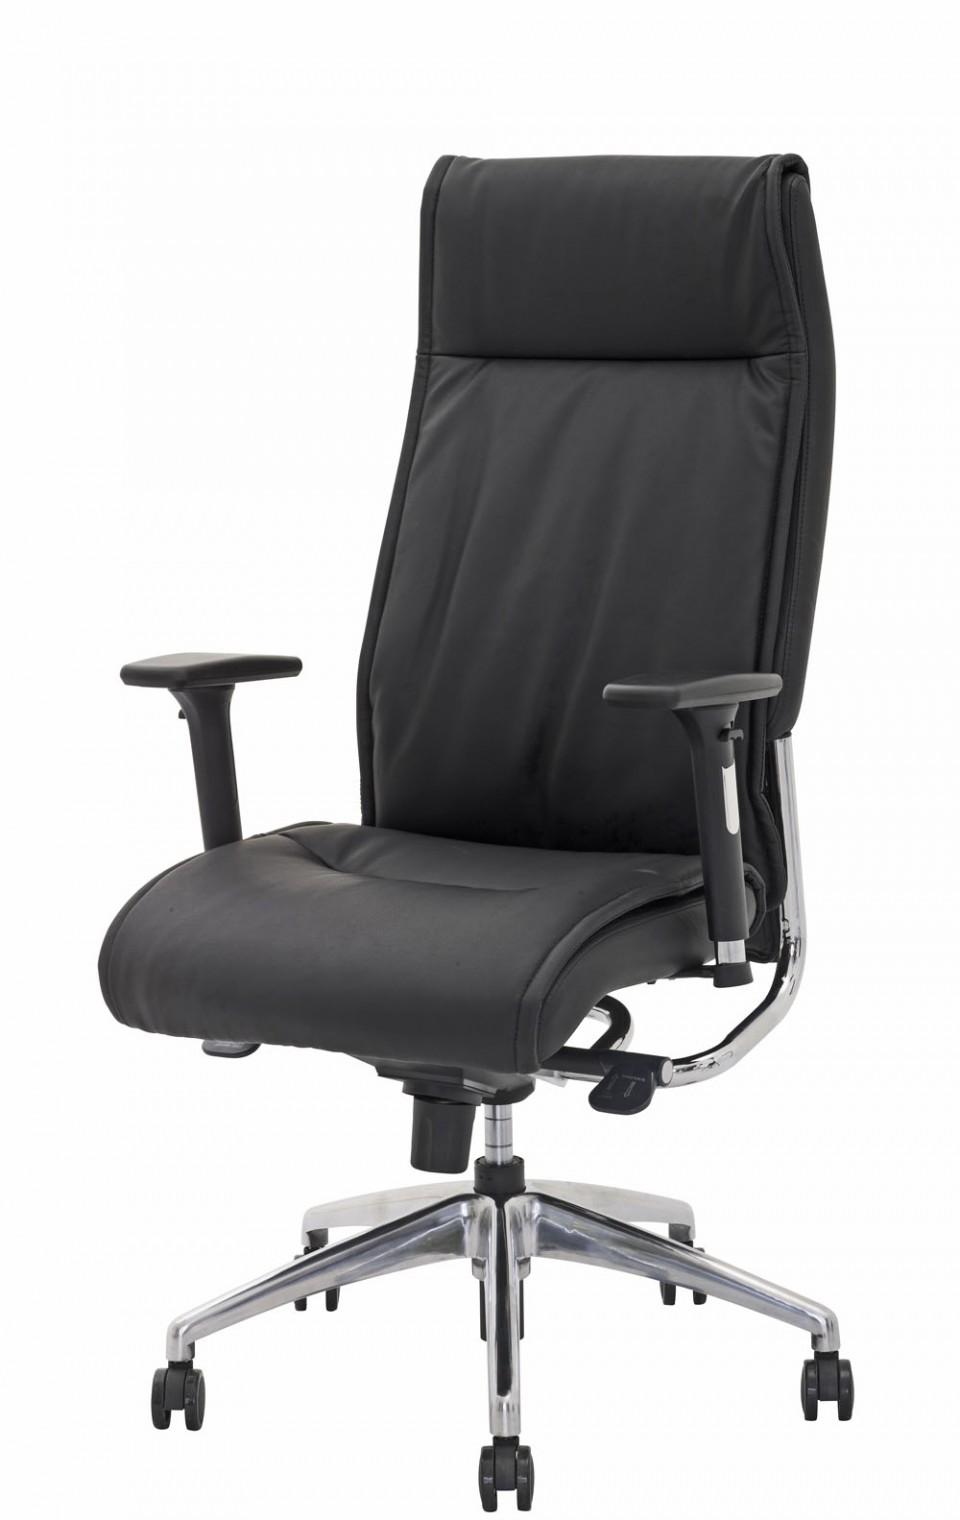 fauteuil de direction lui achat fauteuils de direction 279 00. Black Bedroom Furniture Sets. Home Design Ideas